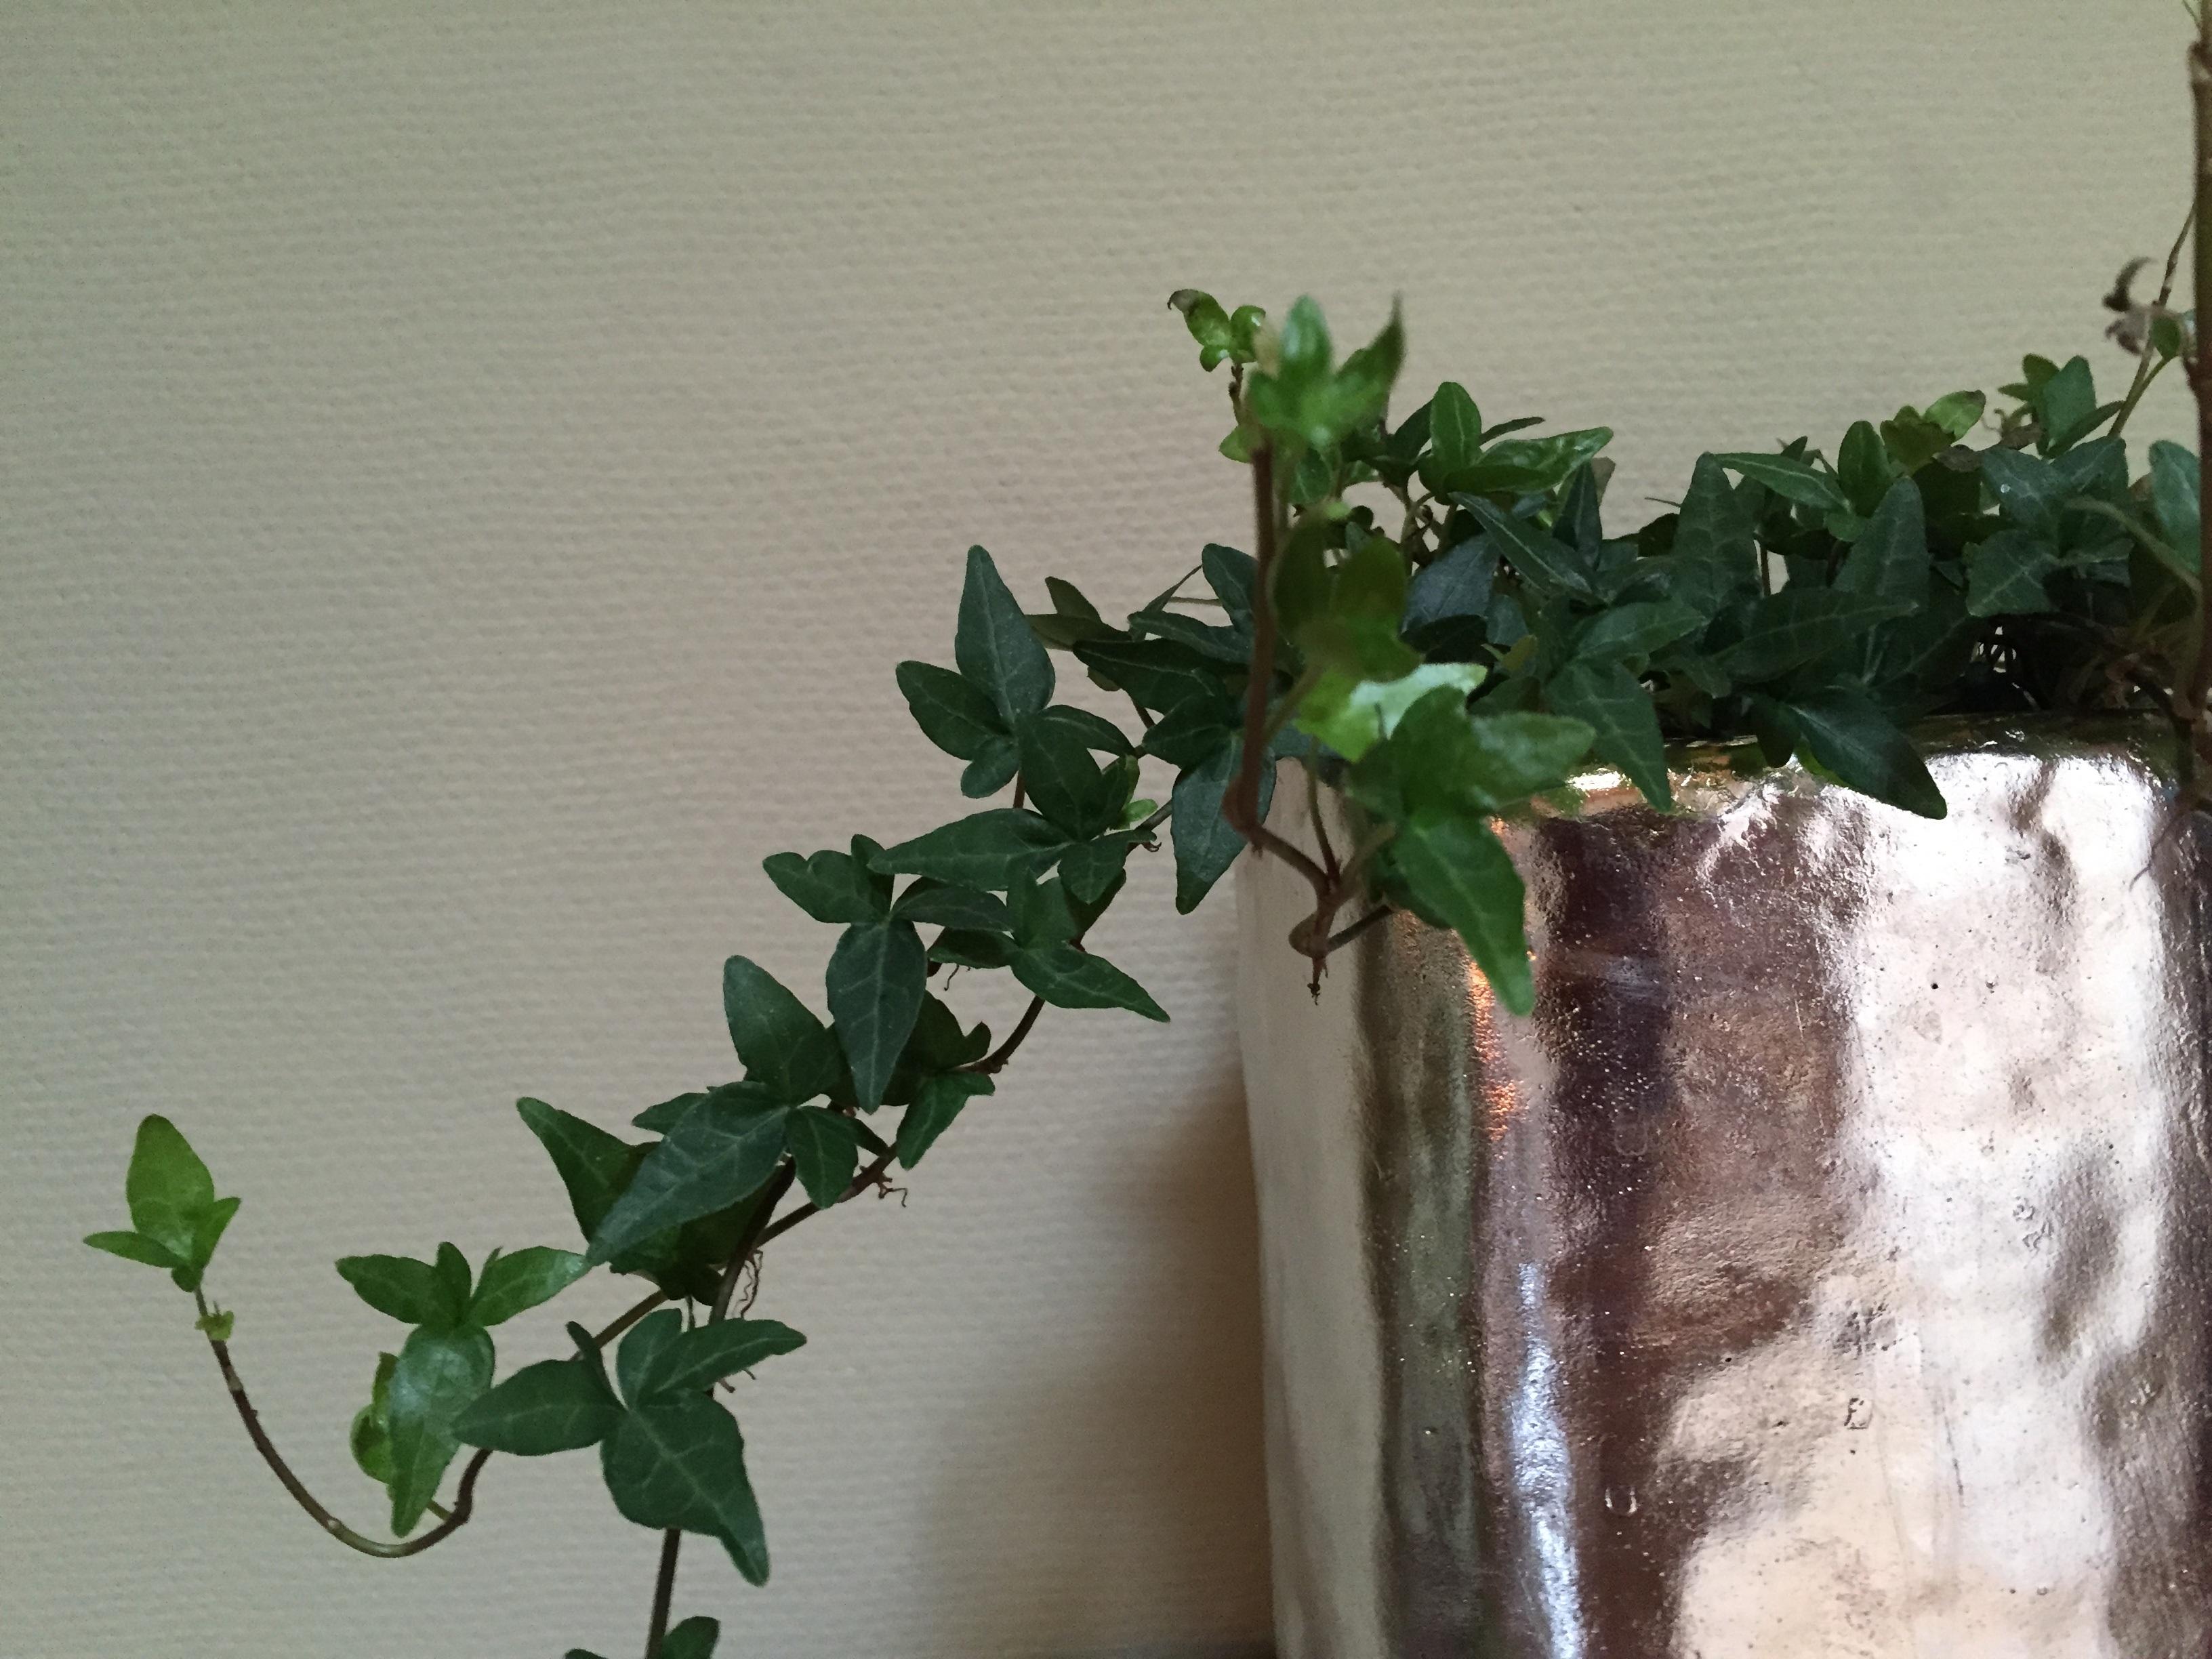 Efeu Zimmerpflanze kostenlose foto baum ast blatt blume grün produzieren efeu